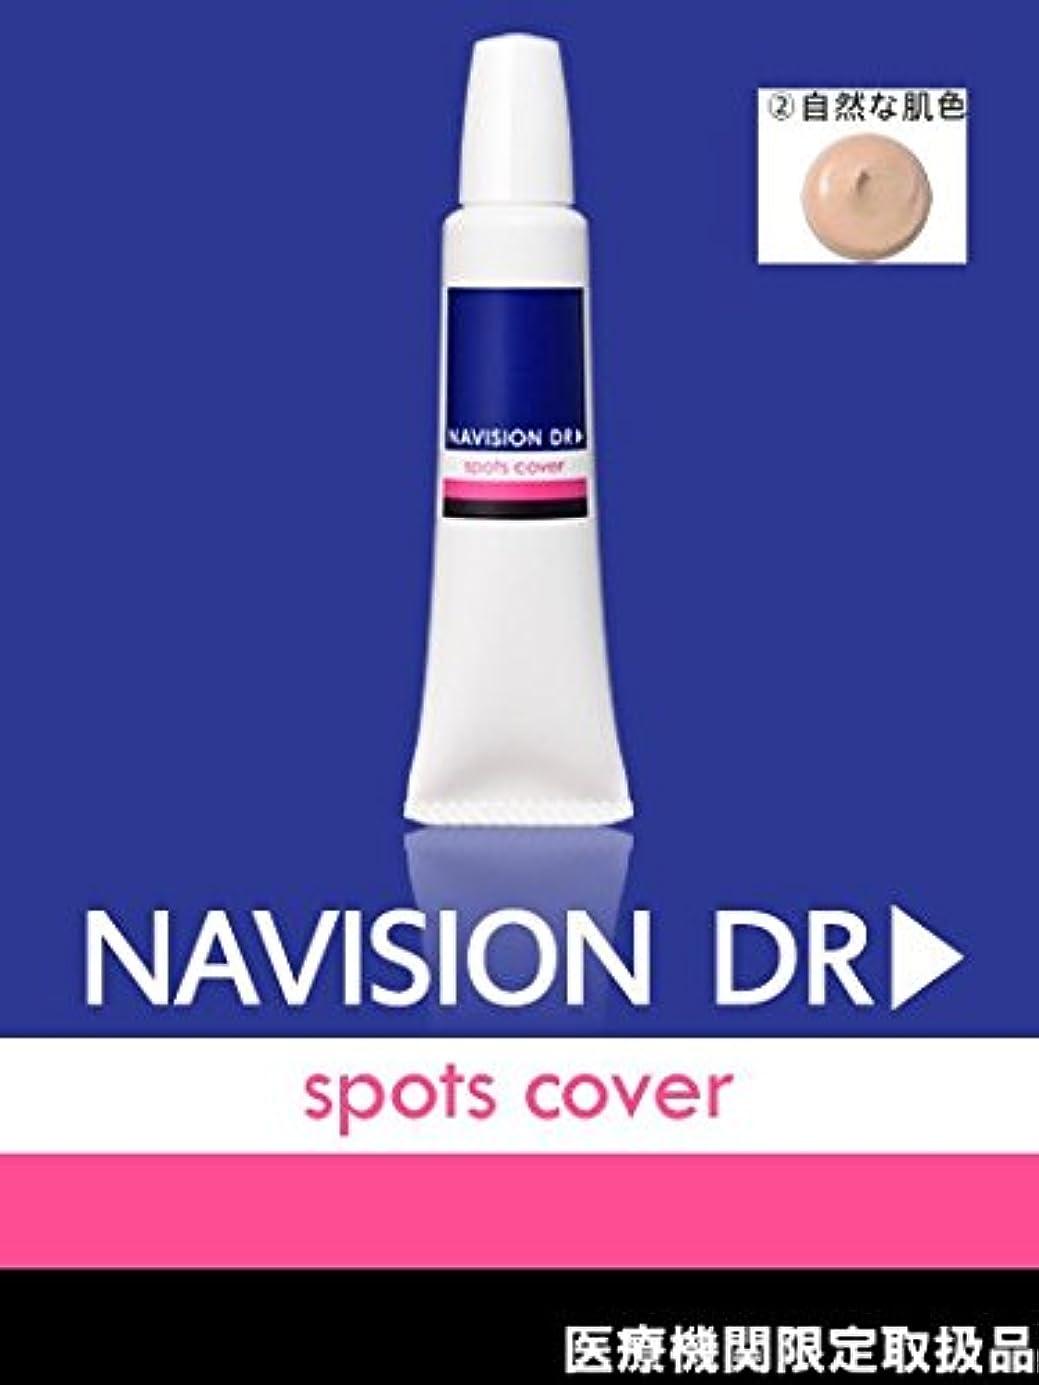 再撮りためにNAVISION DR? ナビジョンDR スポッツカバー ②自然な肌色 SPF40?PA+++【医療機関限定取扱品】